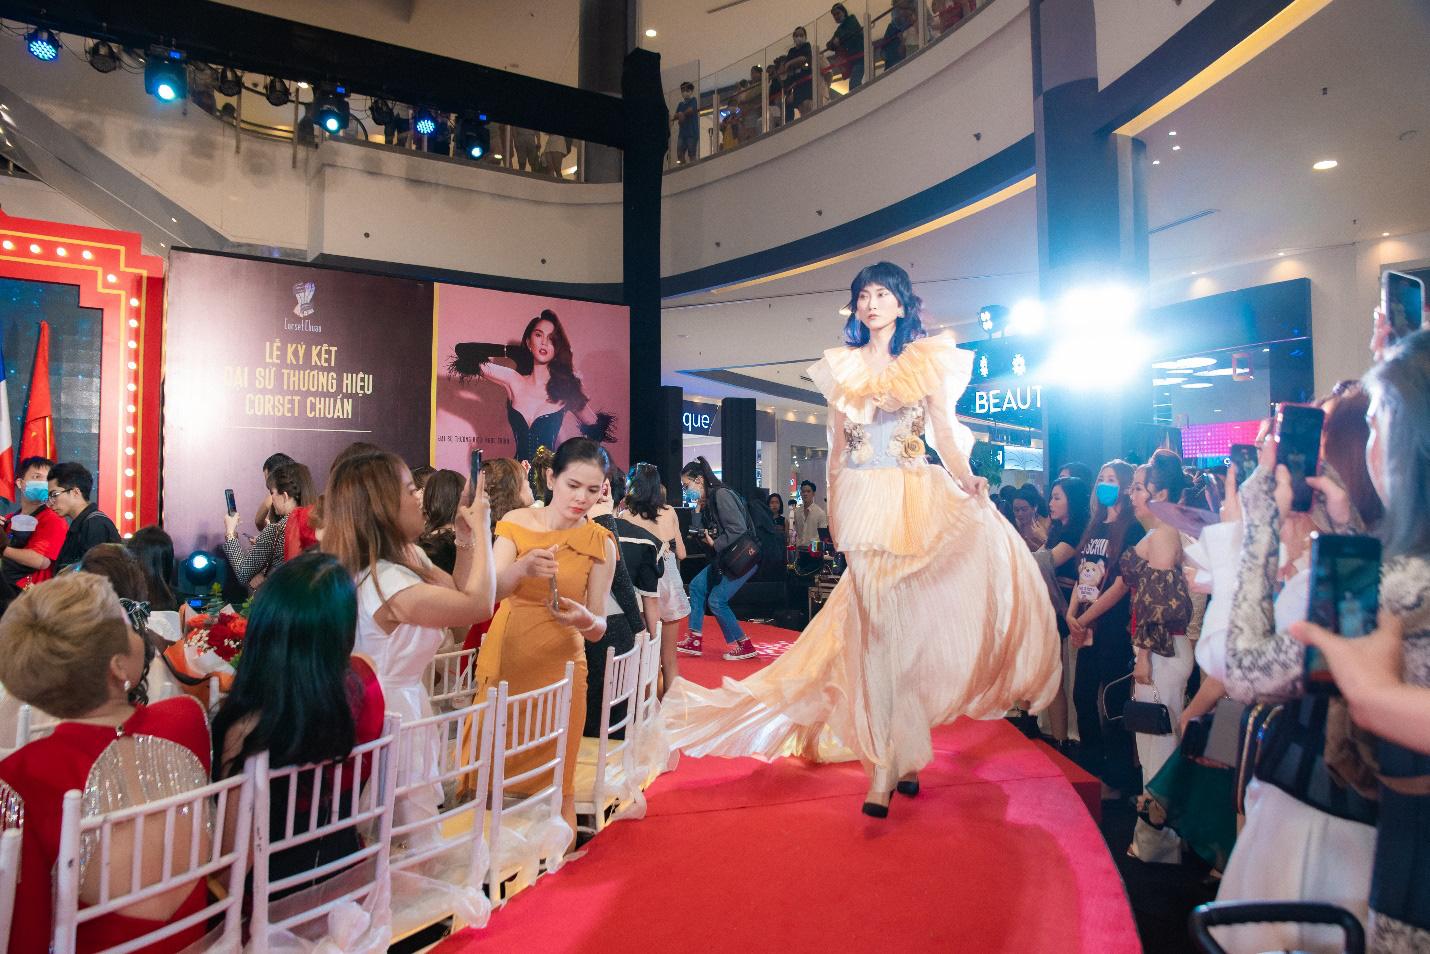 Ngọc Trinh và NTK Tiến Truyển lần đầu hợp tác cho ra đời những mẫu corset thời trang dành cho phái đẹp - Ảnh 5.